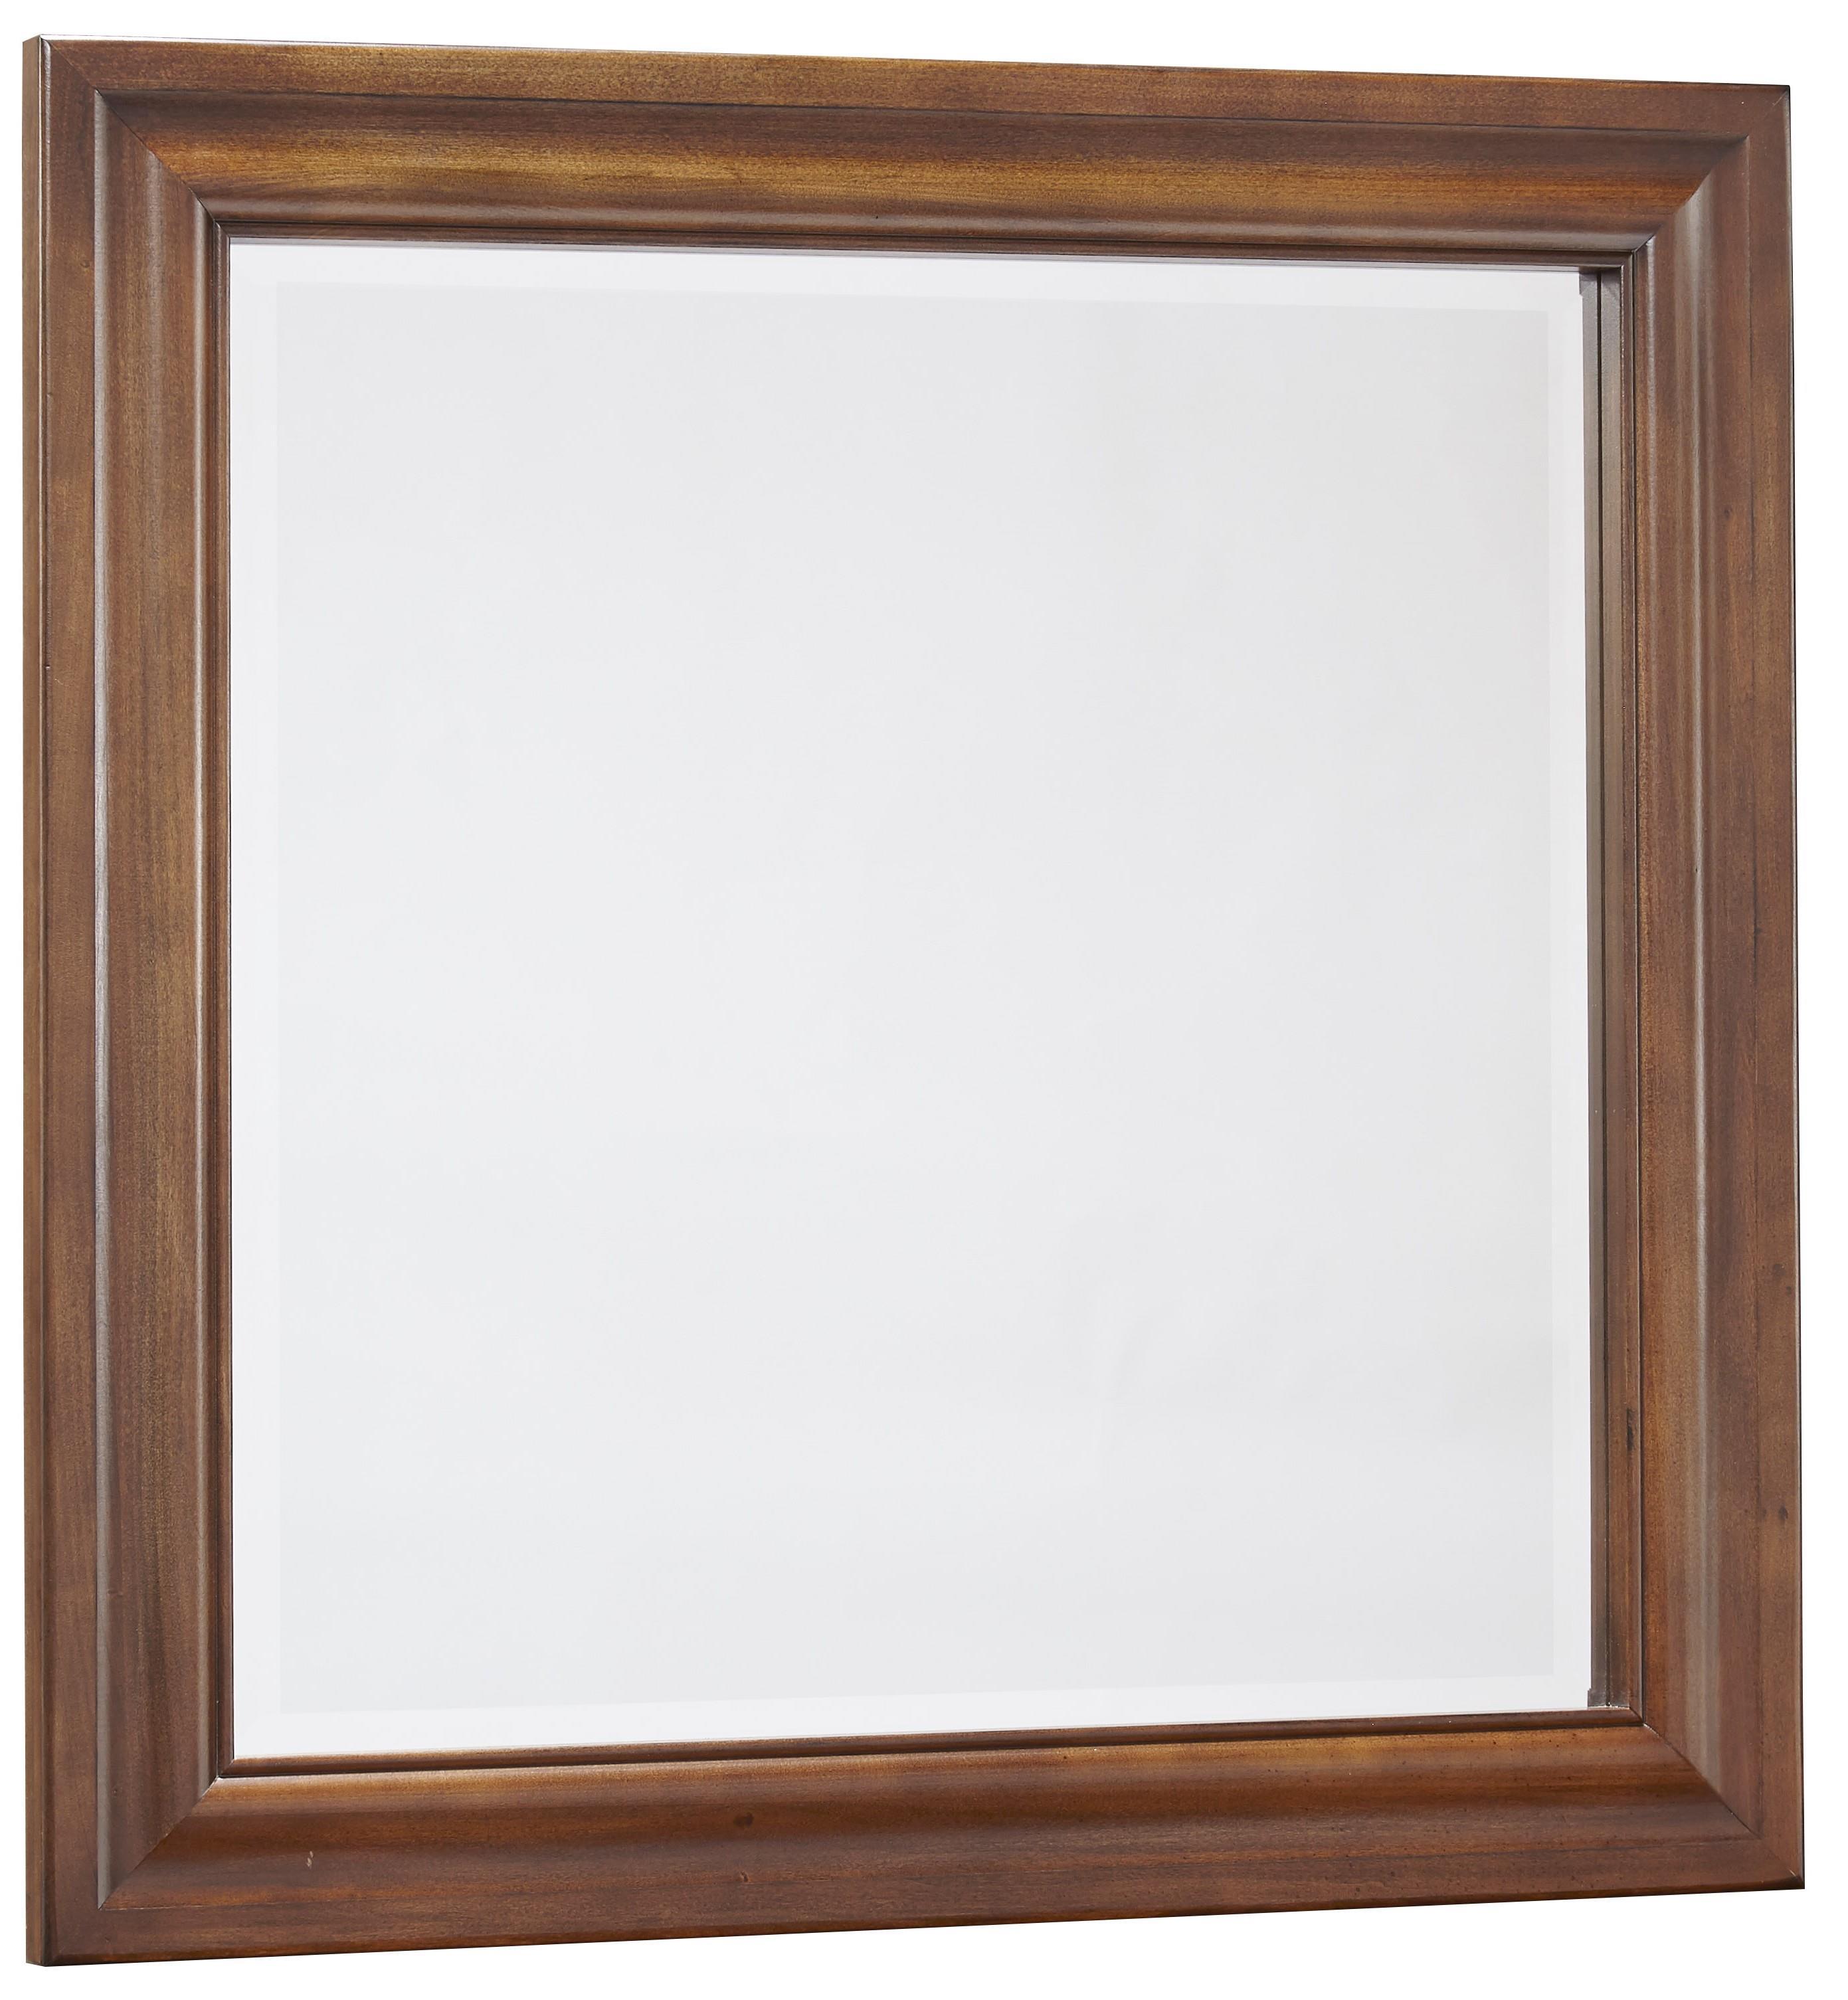 Vaughan Bassett Villa Sophia Landscape Mirror - Item Number: 522-446